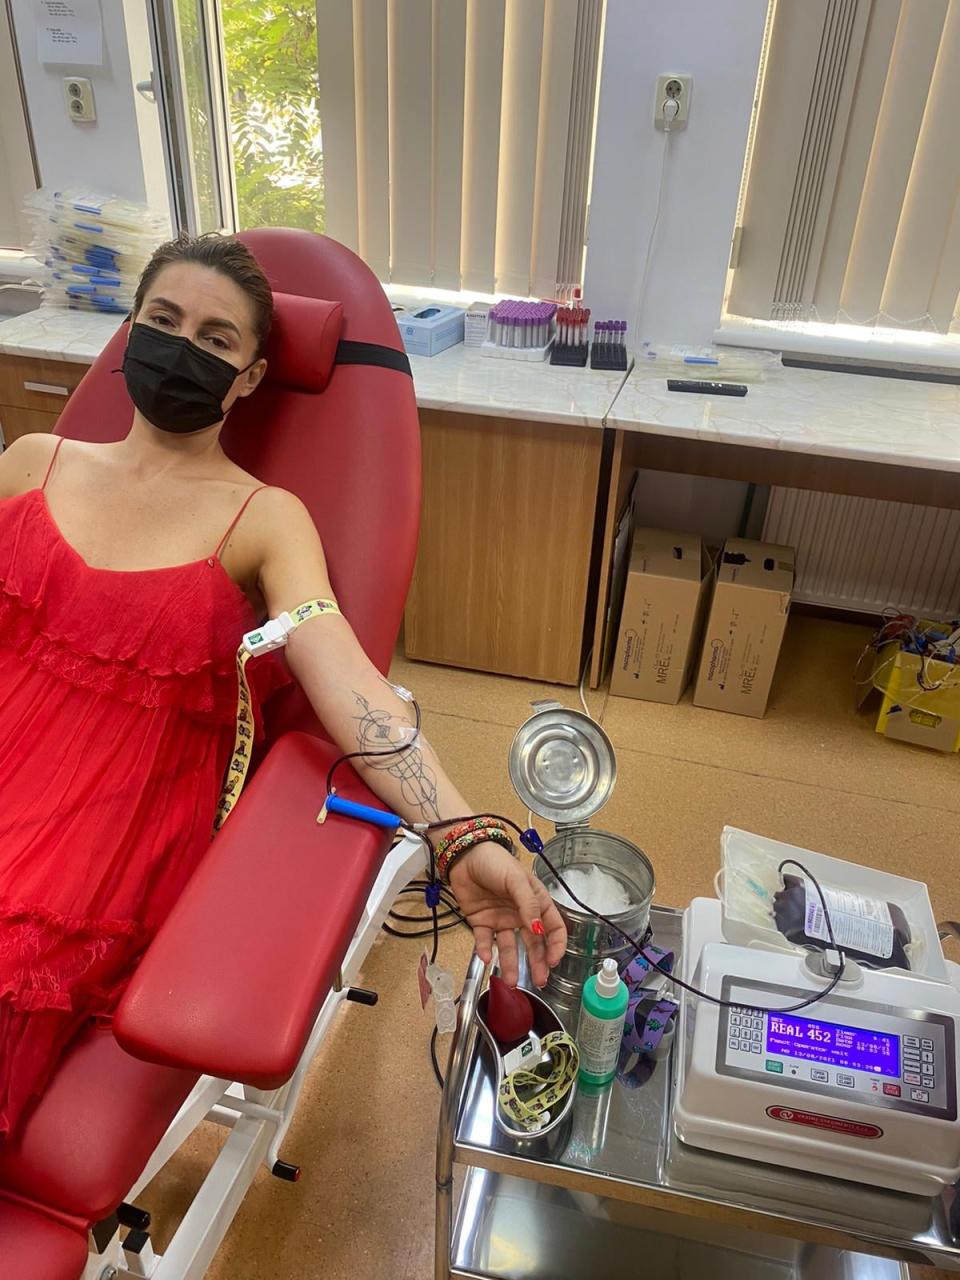 Cori Grămescu donând sânge  FOTO: Facebook  Cori Grămescu